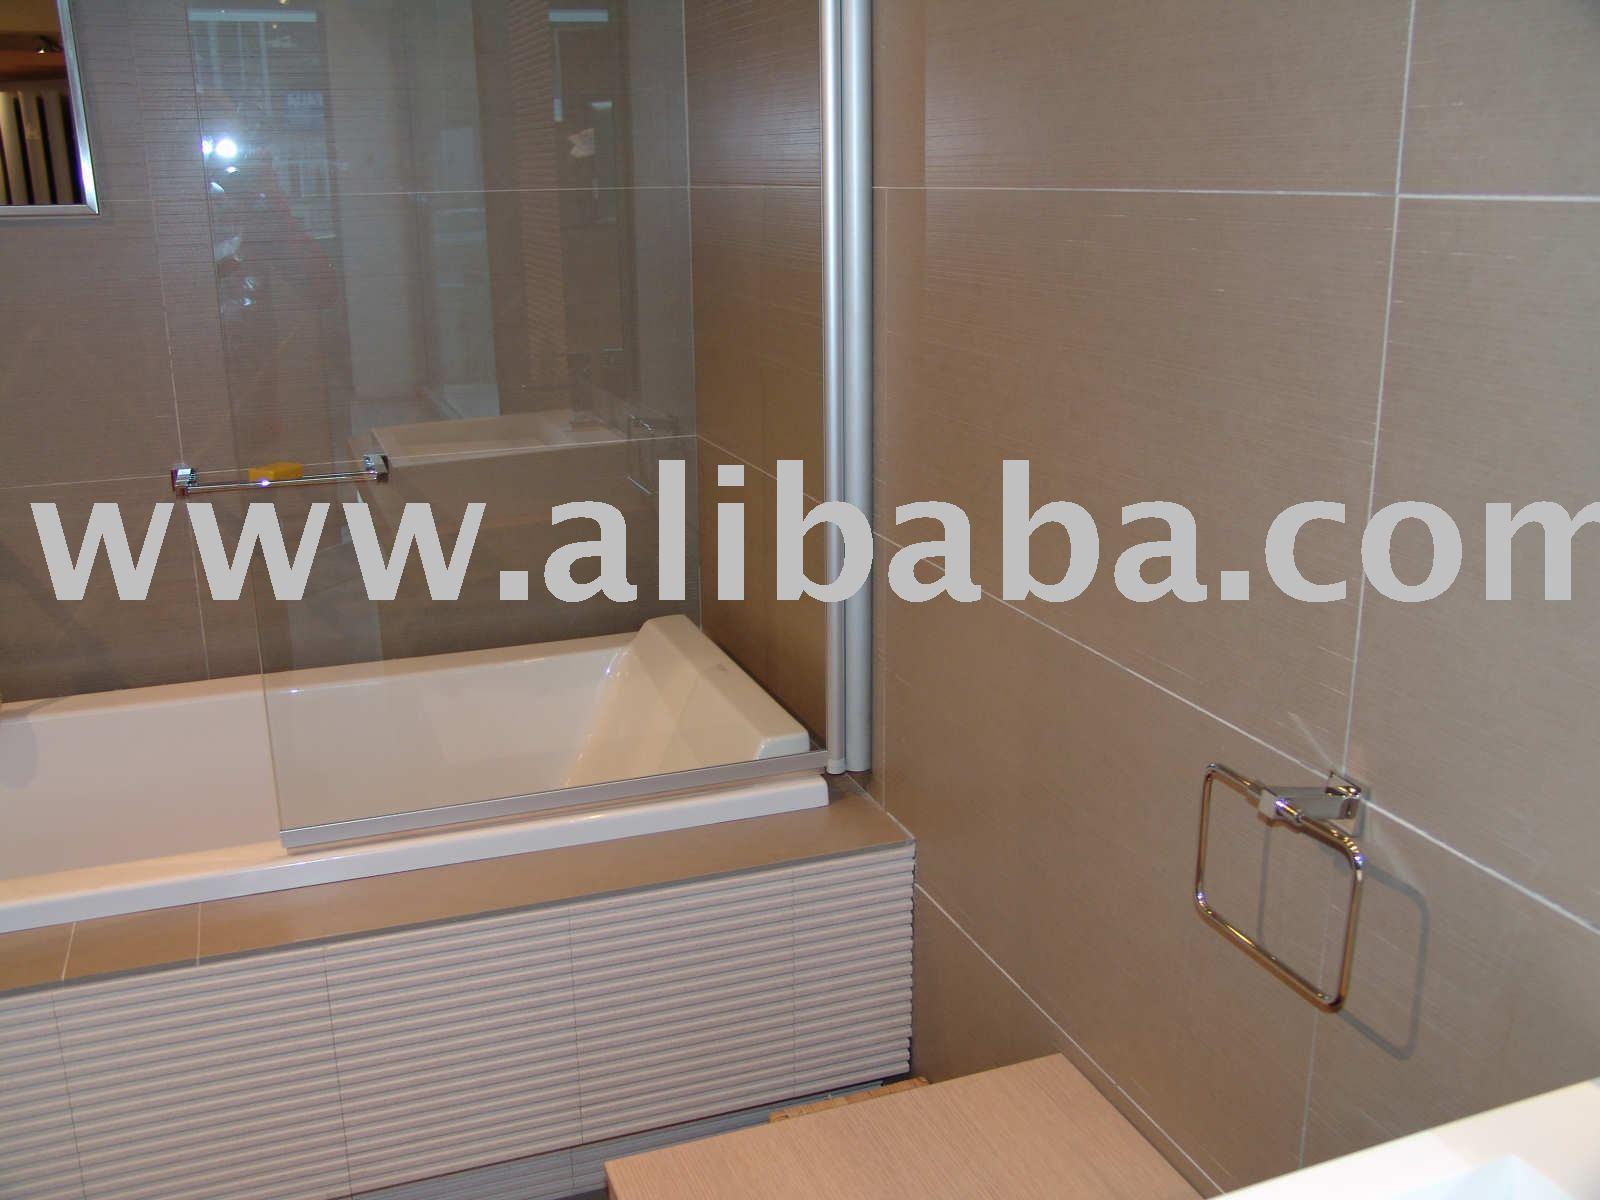 Baldosas Baño Saloni:Saloni Efir pared de azulejos y baldosas Massive muy poco comunes